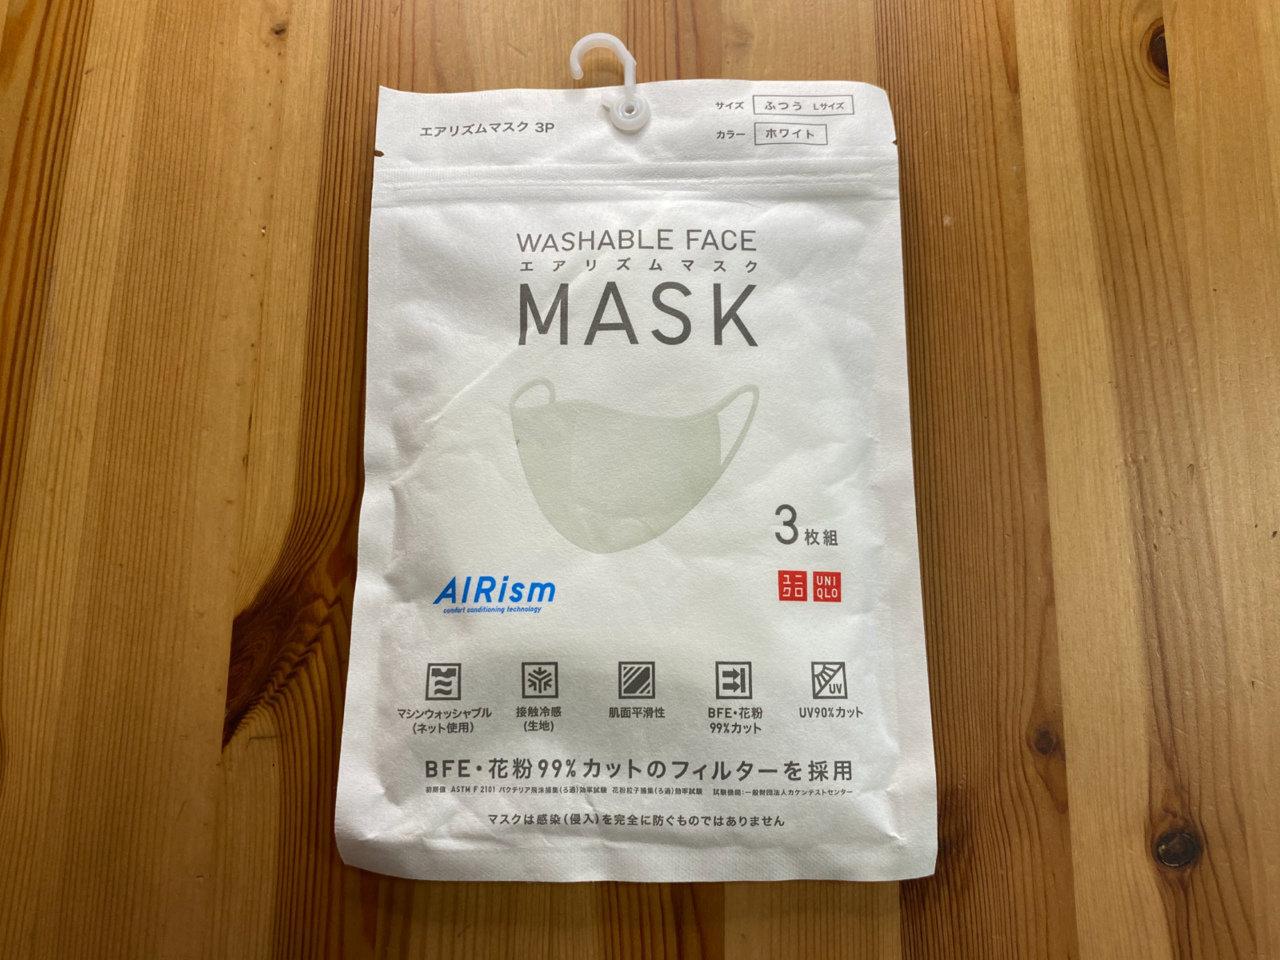 これから購入する方の参考に!ユニクロの『エアリズムマスク』を1週間使ってみた。